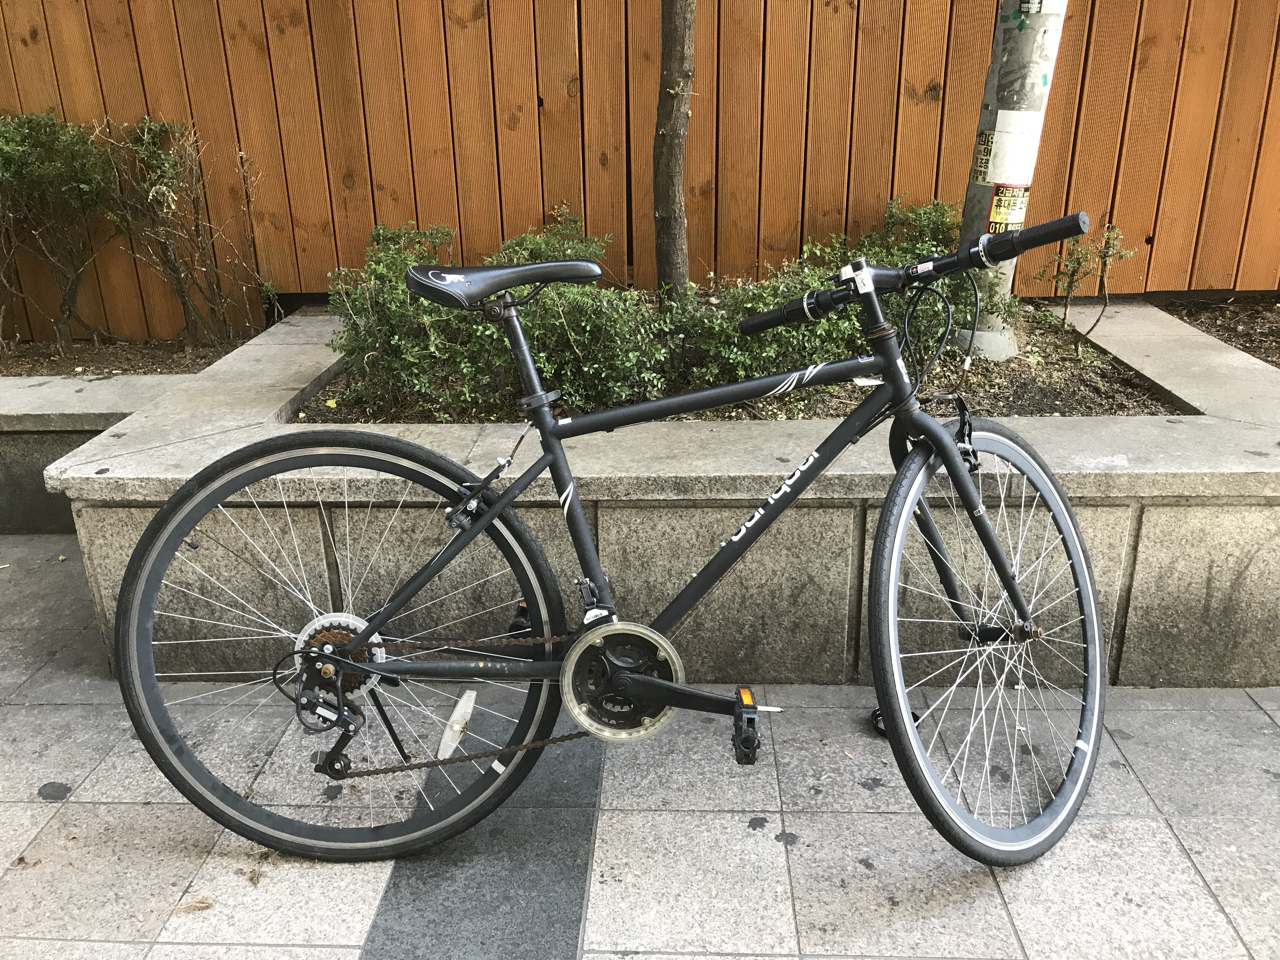 중고 자전거 판매합니다